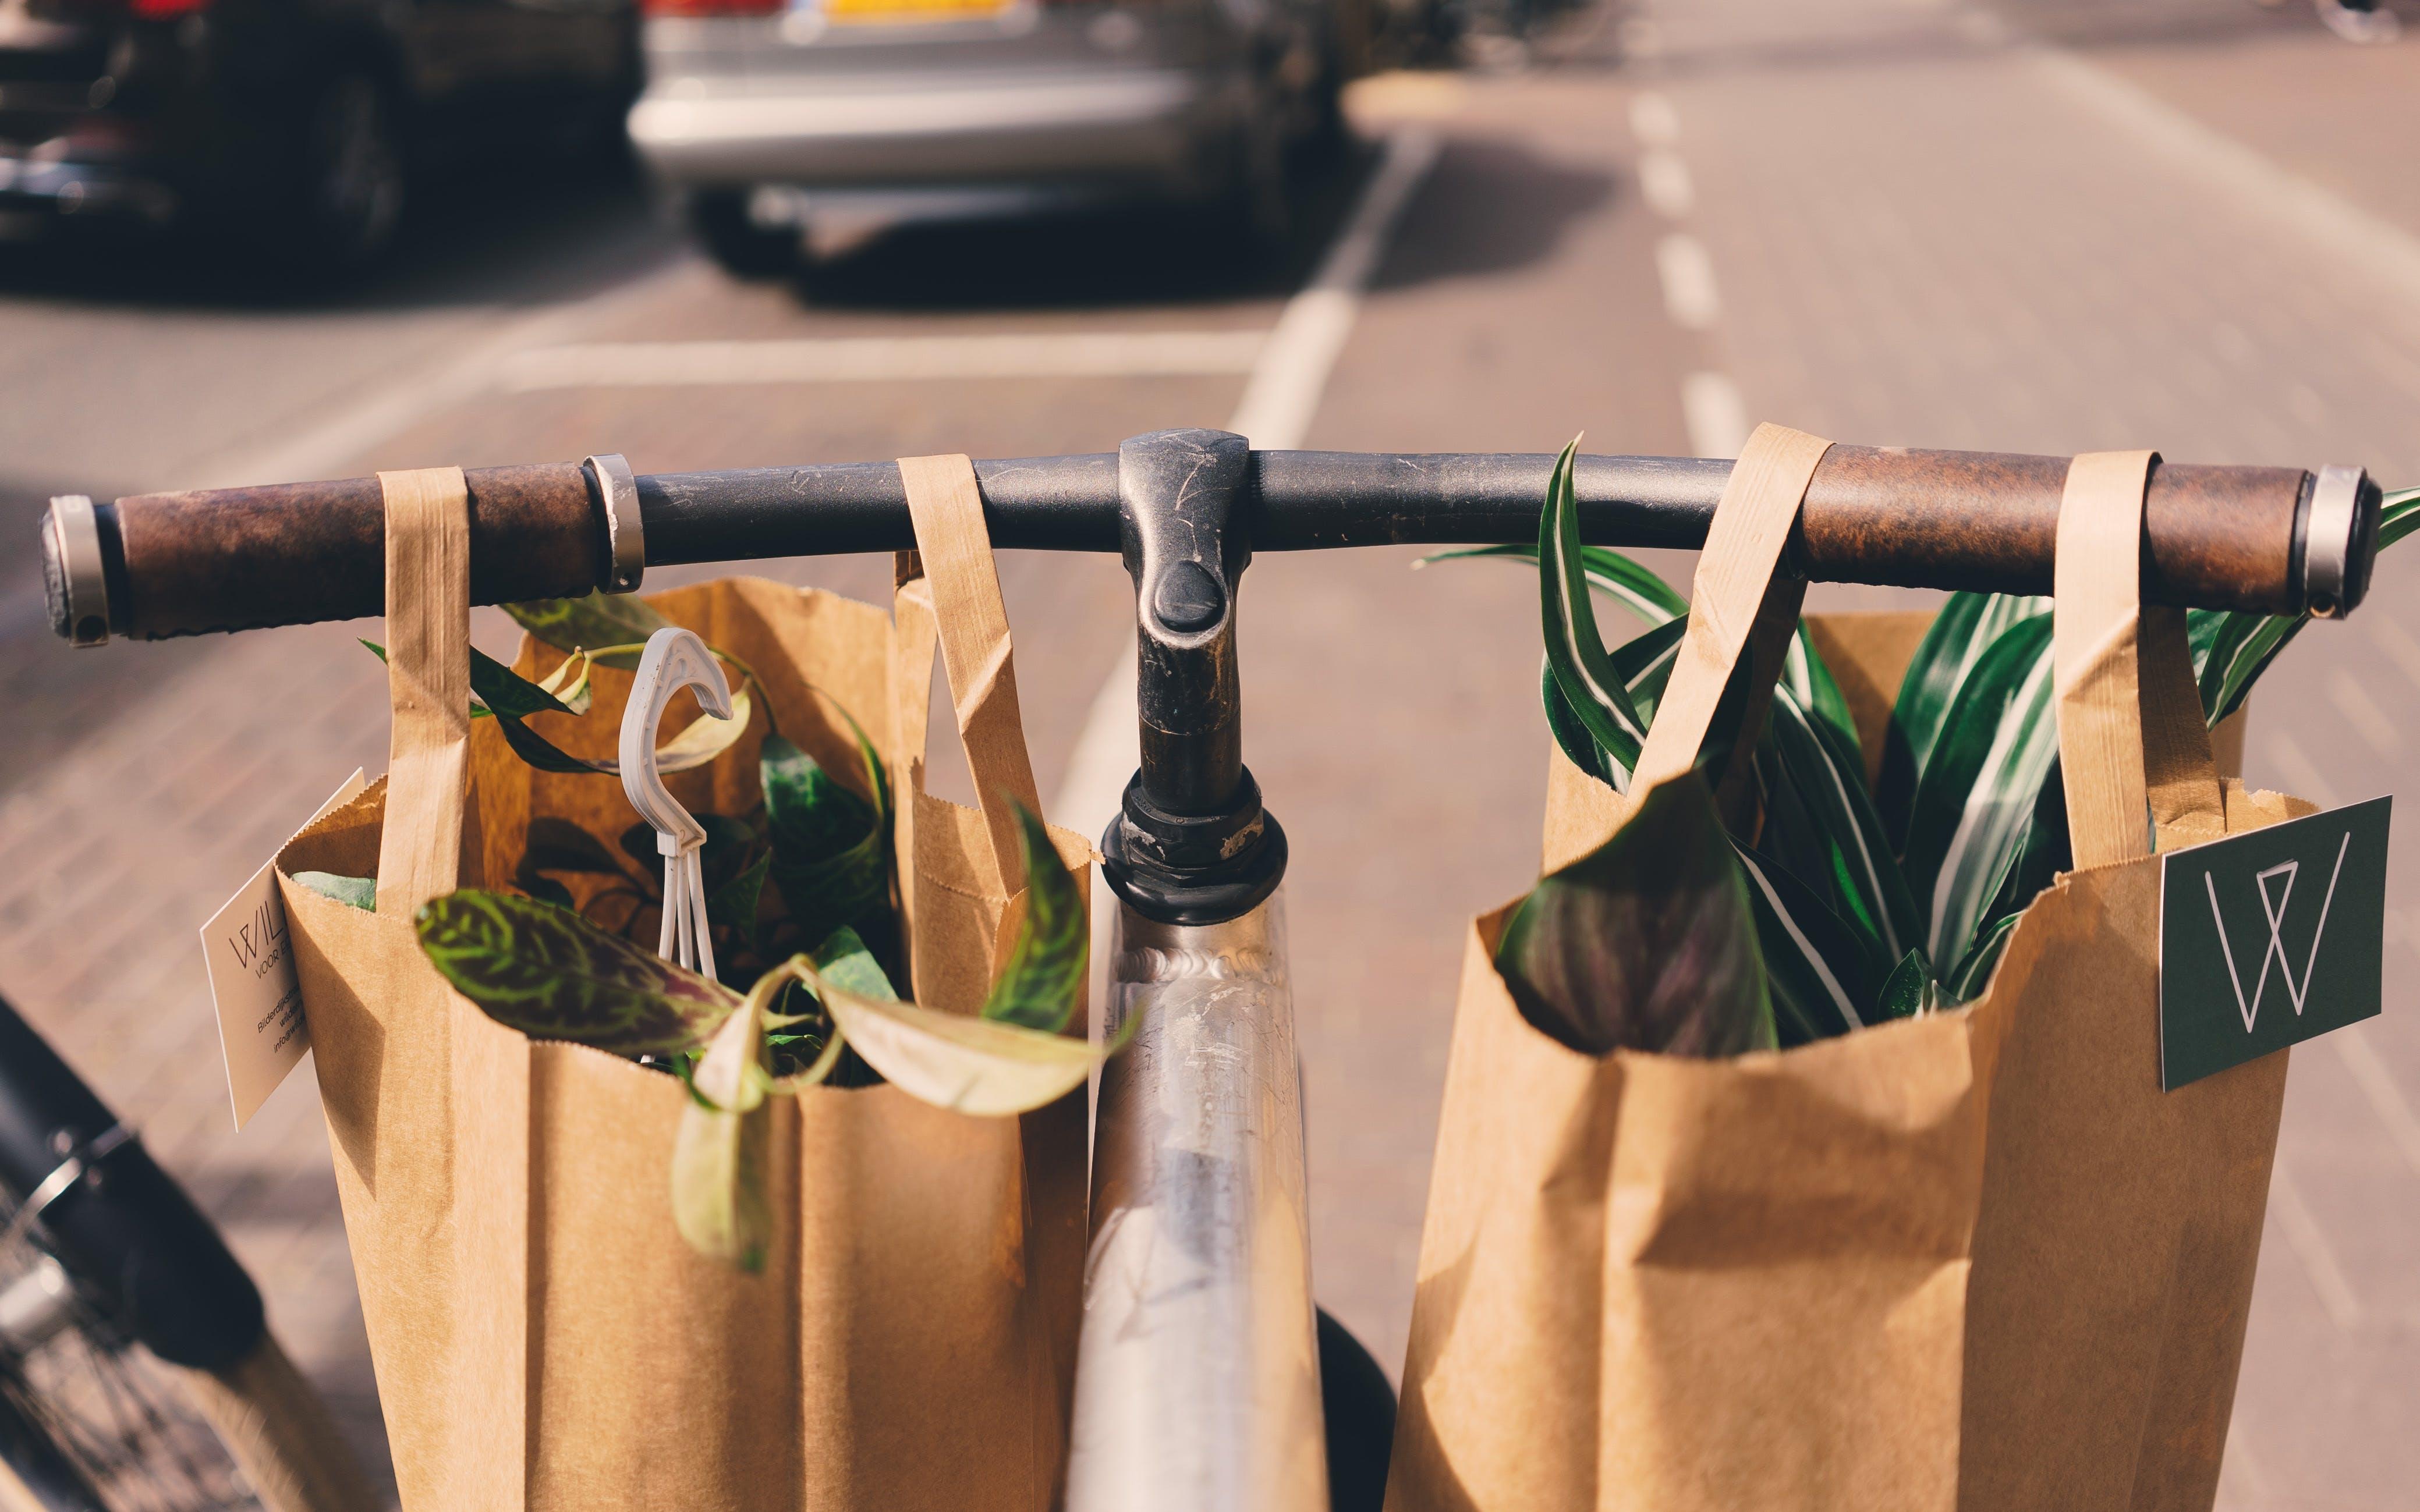 sustainable consumerism